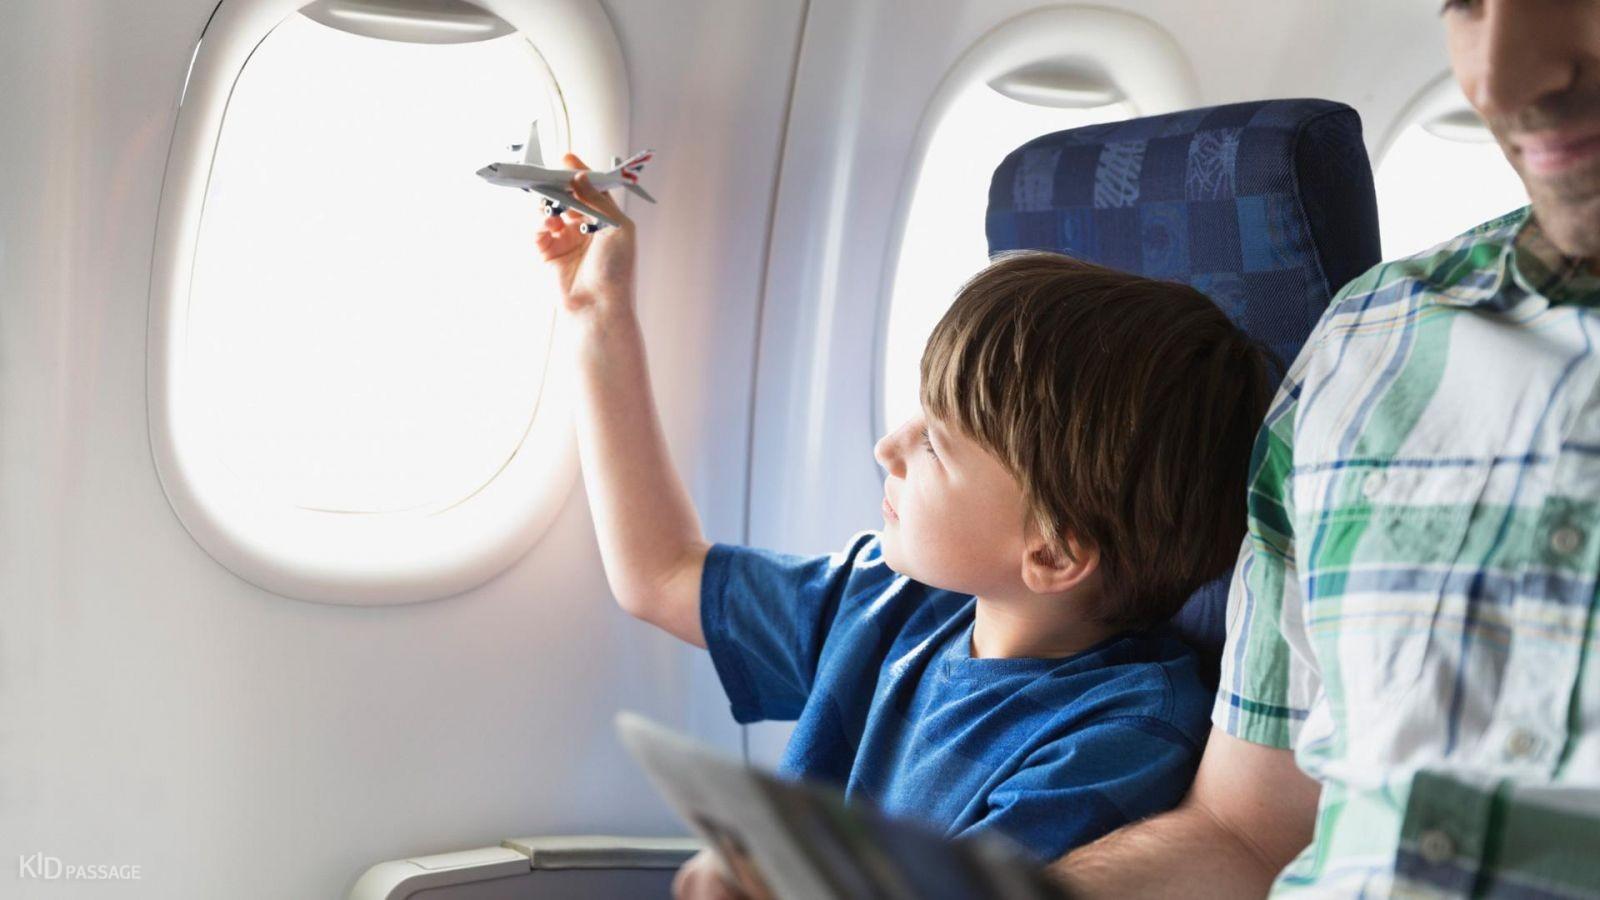 Перелет с ребенком: как подготовиться родителям?